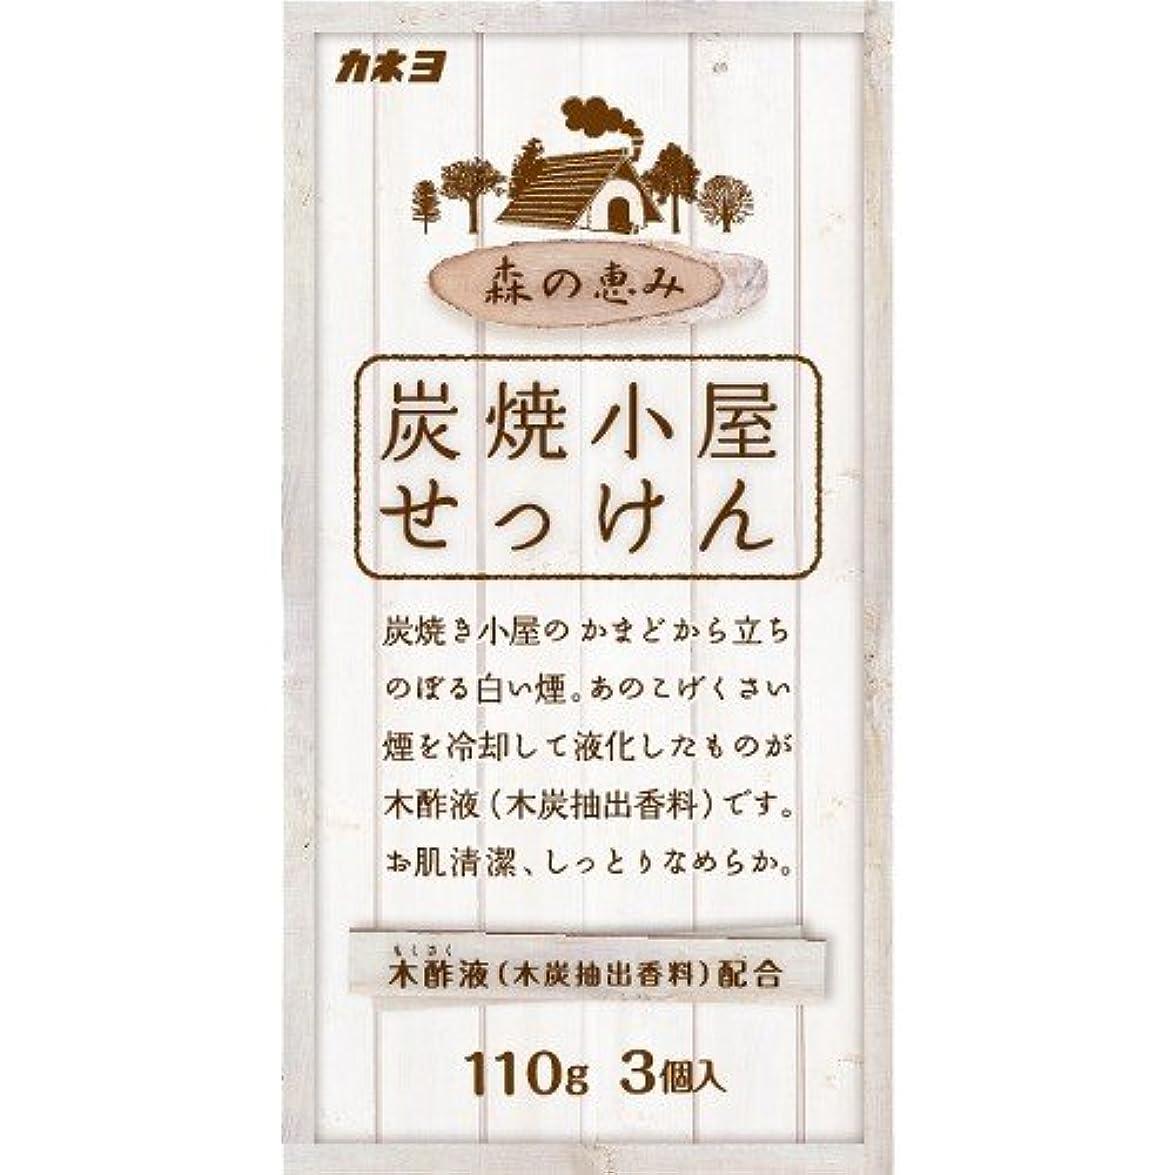 無視突っ込む最初にカネヨ石鹸 炭焼小屋 化粧石けん 110g×3個入